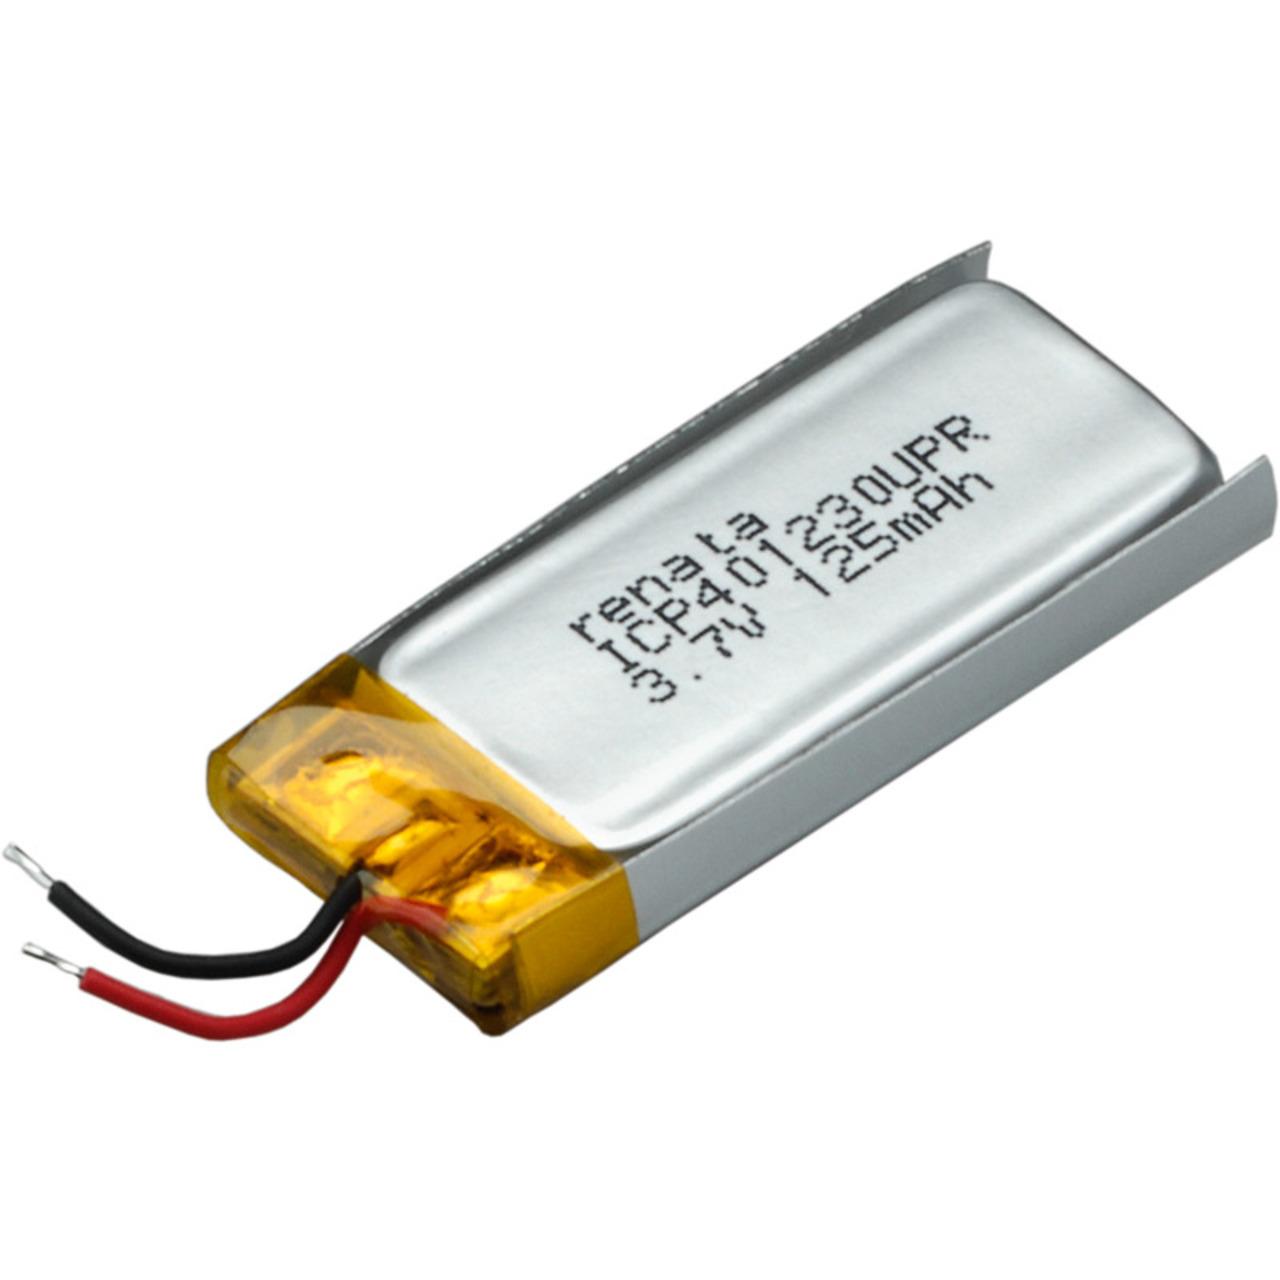 Renata Lithium Polymer Akku mit Schutzschaltung ICP401230UPR 3-7 V 130 mAh